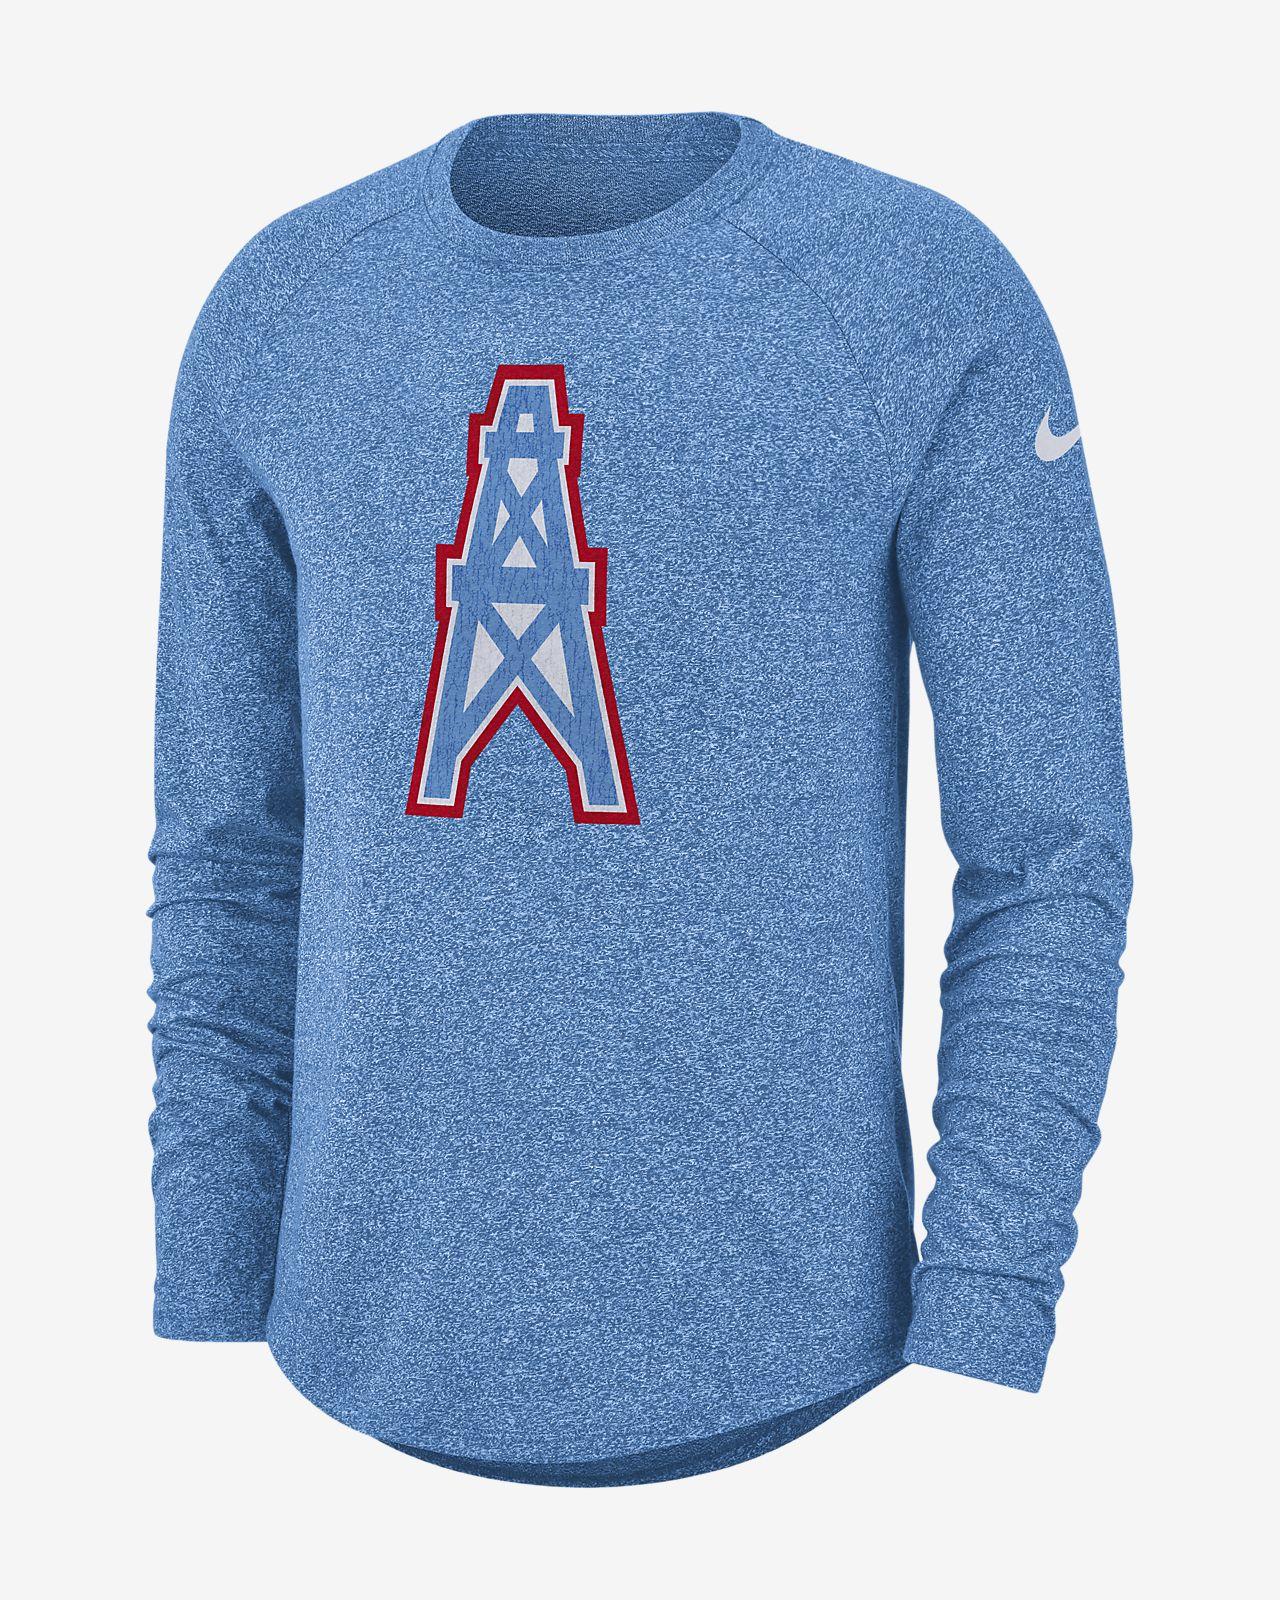 Nike Historic (NFL Titans) Men's Long-Sleeve T-Shirt